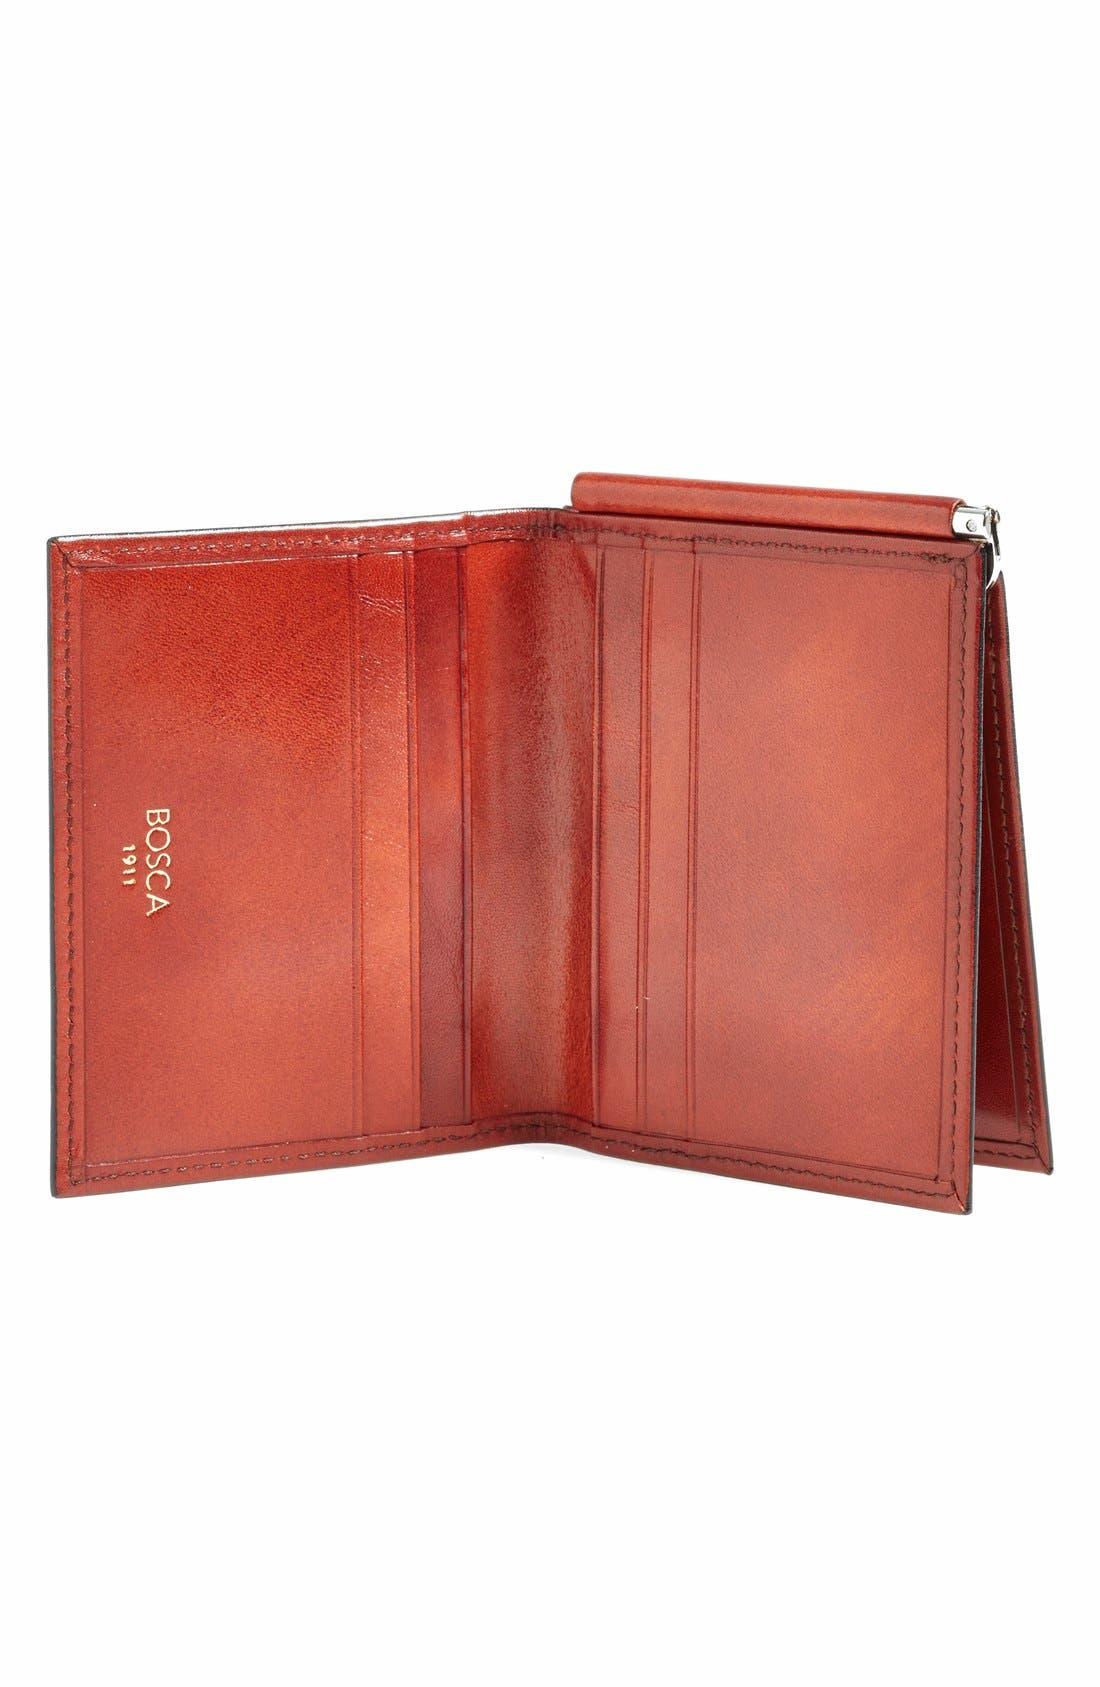 'Old Leather' Money Clip Wallet,                             Alternate thumbnail 2, color,                             COGNAC